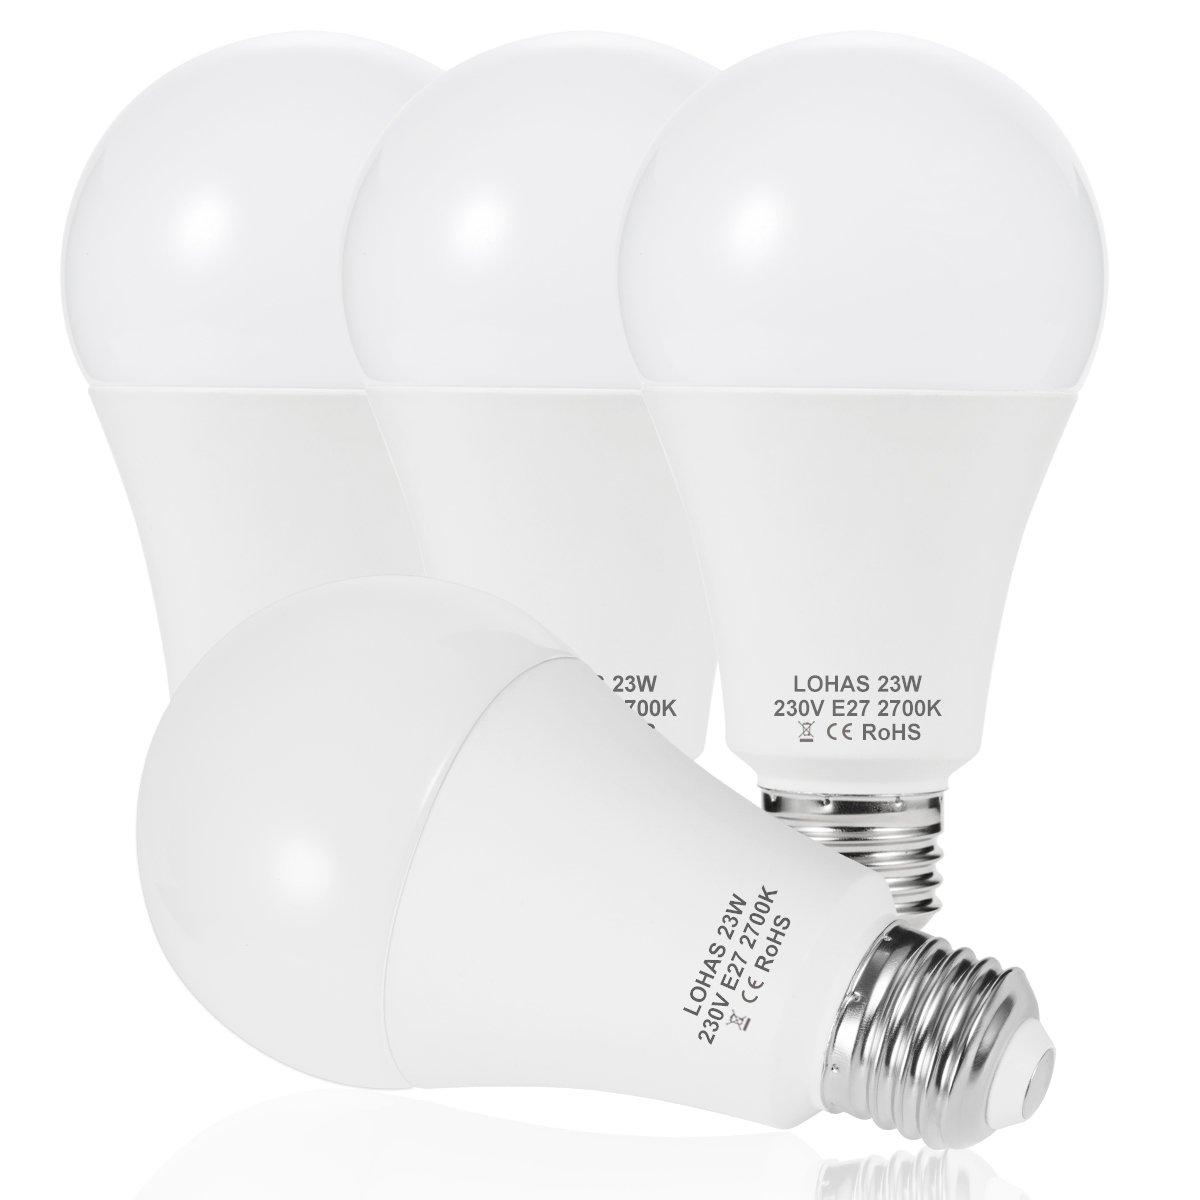 23 W (200 W) Bombilla LED E27, LOHAS No-Regulable rosca Edison bombillas de luz, 2500 lúmenes, Blanco Calído 2700K, 240 ° ángulo de haz, Bombilla de bajo consumo, Paquete de 4 Unidades 2500 lúmenes Blanco Calído 2700K GK Lighting